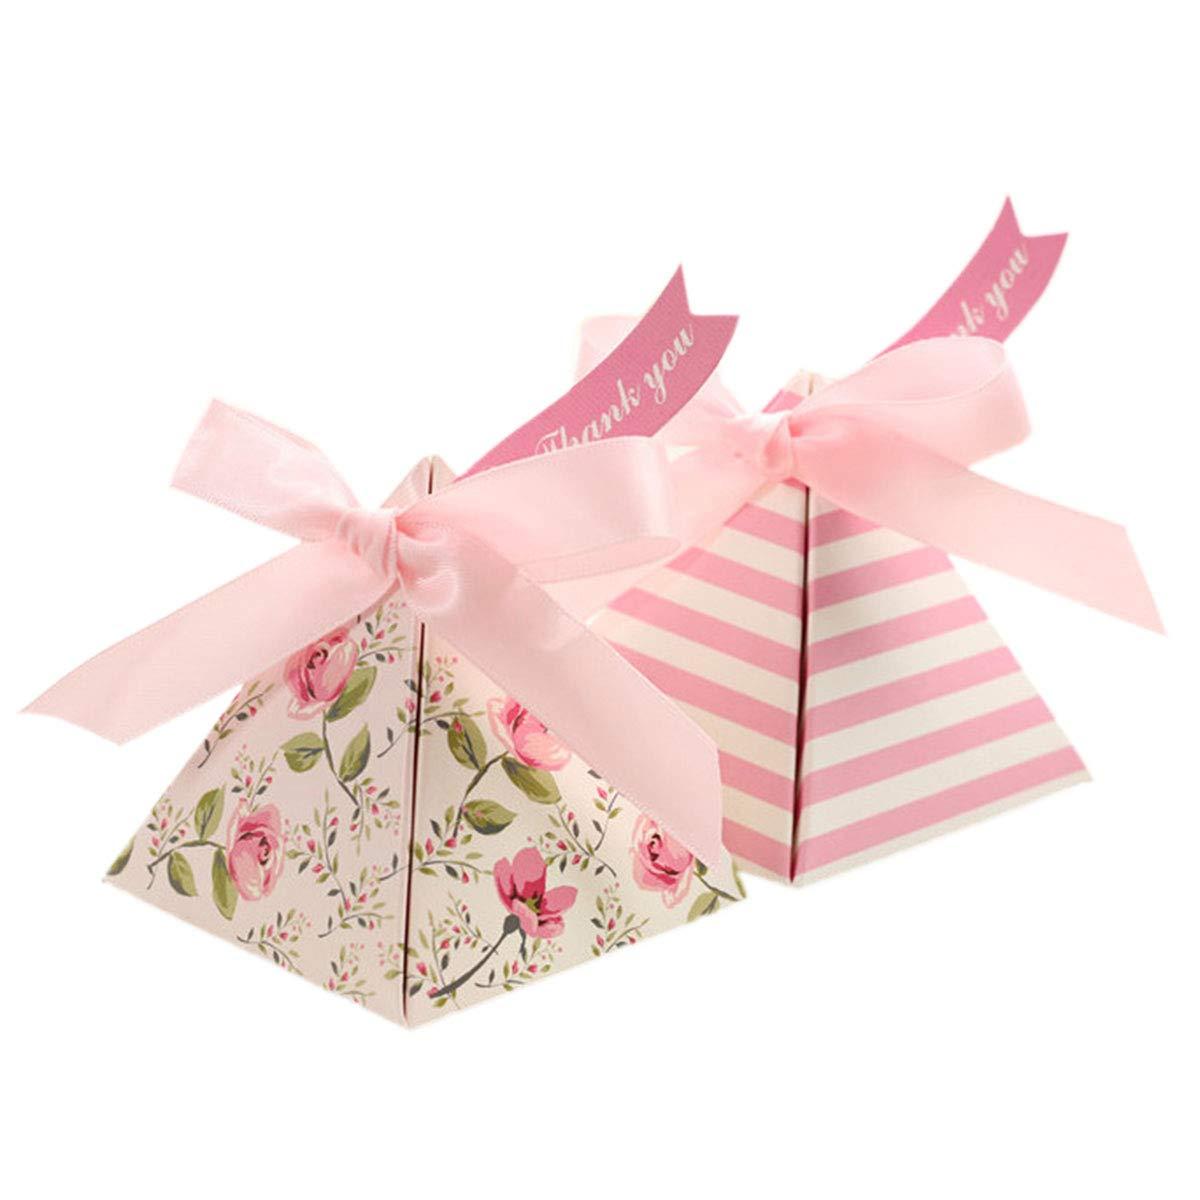 Toyvian Contenitore di Regalo di Carta Rosa del Triangolo della Scatola di Candy di Nozze per Il Festival della Festa Nuziale (Rosa, con i Nastri e Le Carte) - 25pcs